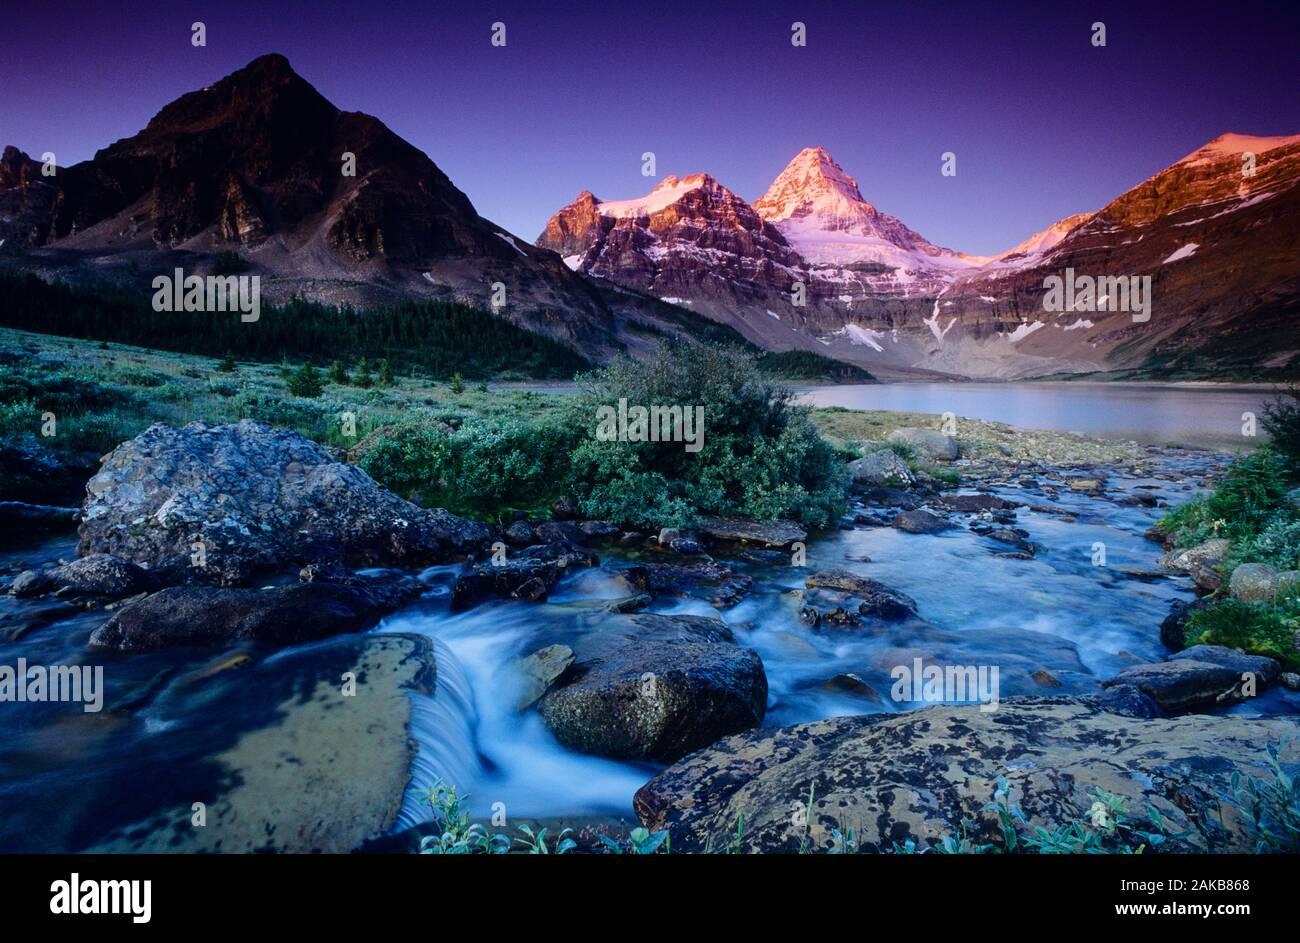 Paisaje con el lago y las montañas, Mt. Parque Provincial Assiniboine, British Columbia, Canadá Foto de stock